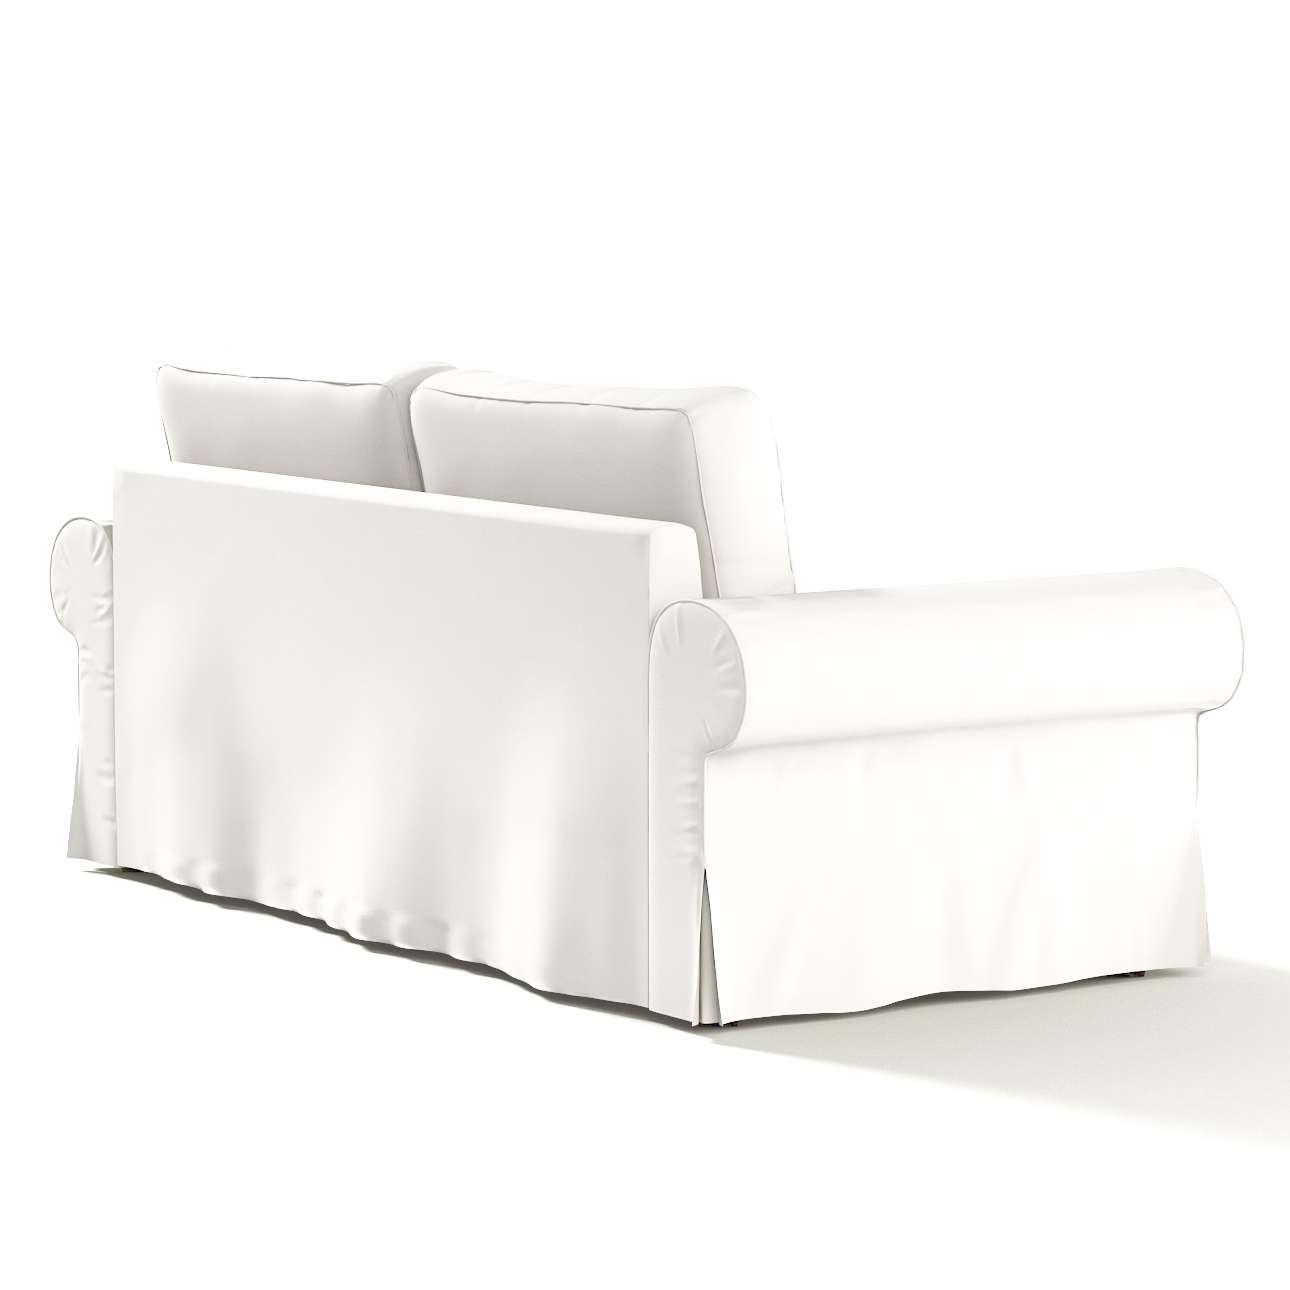 Pokrowiec na sofę Backabro 3-osobową rozkładaną w kolekcji Cotton Panama, tkanina: 702-34